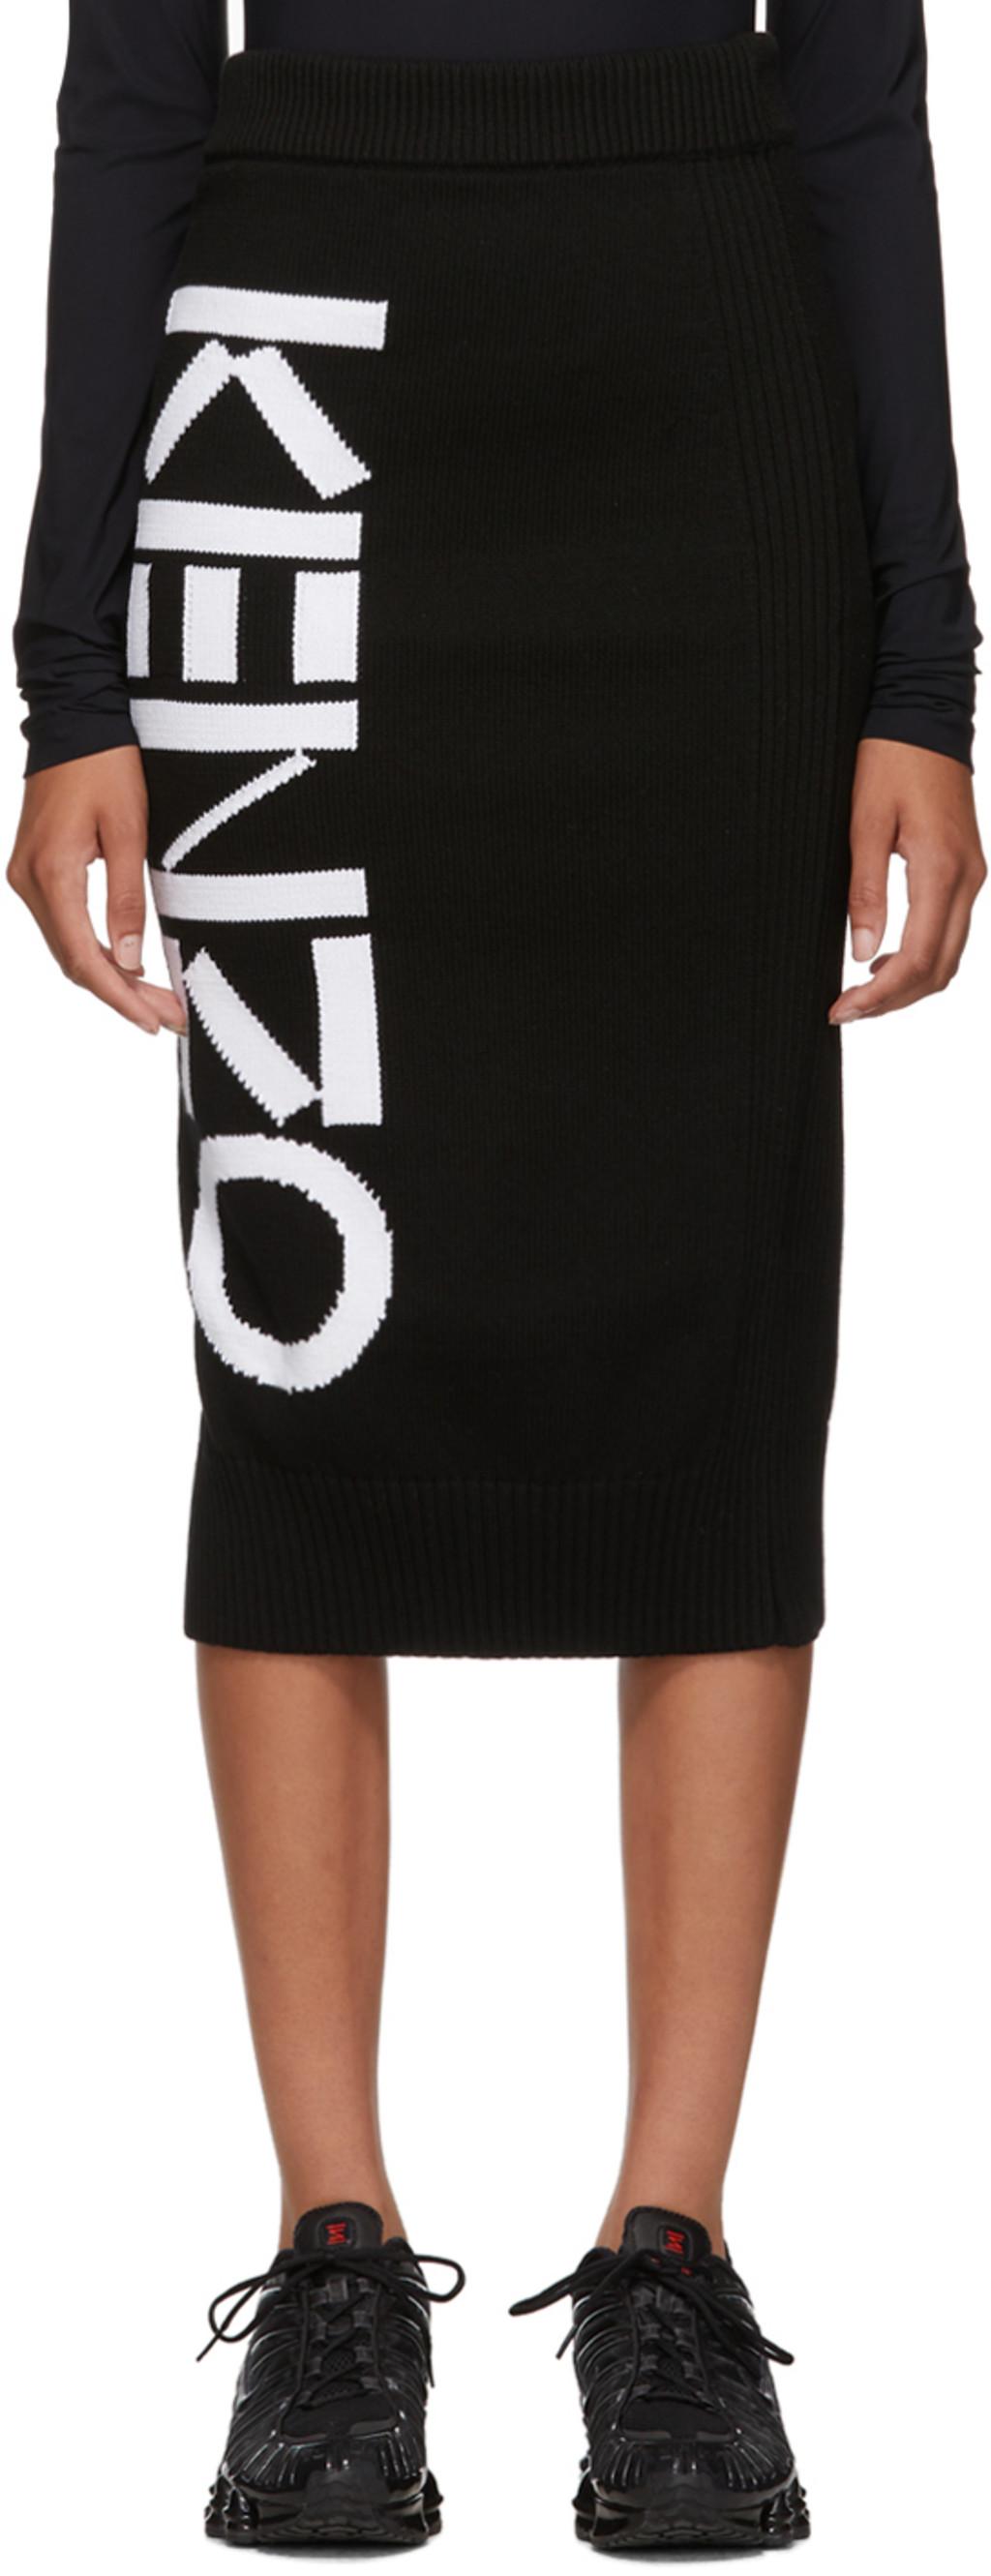 9e6a7718b8 Black Sport Tube Mid-Length Skirt